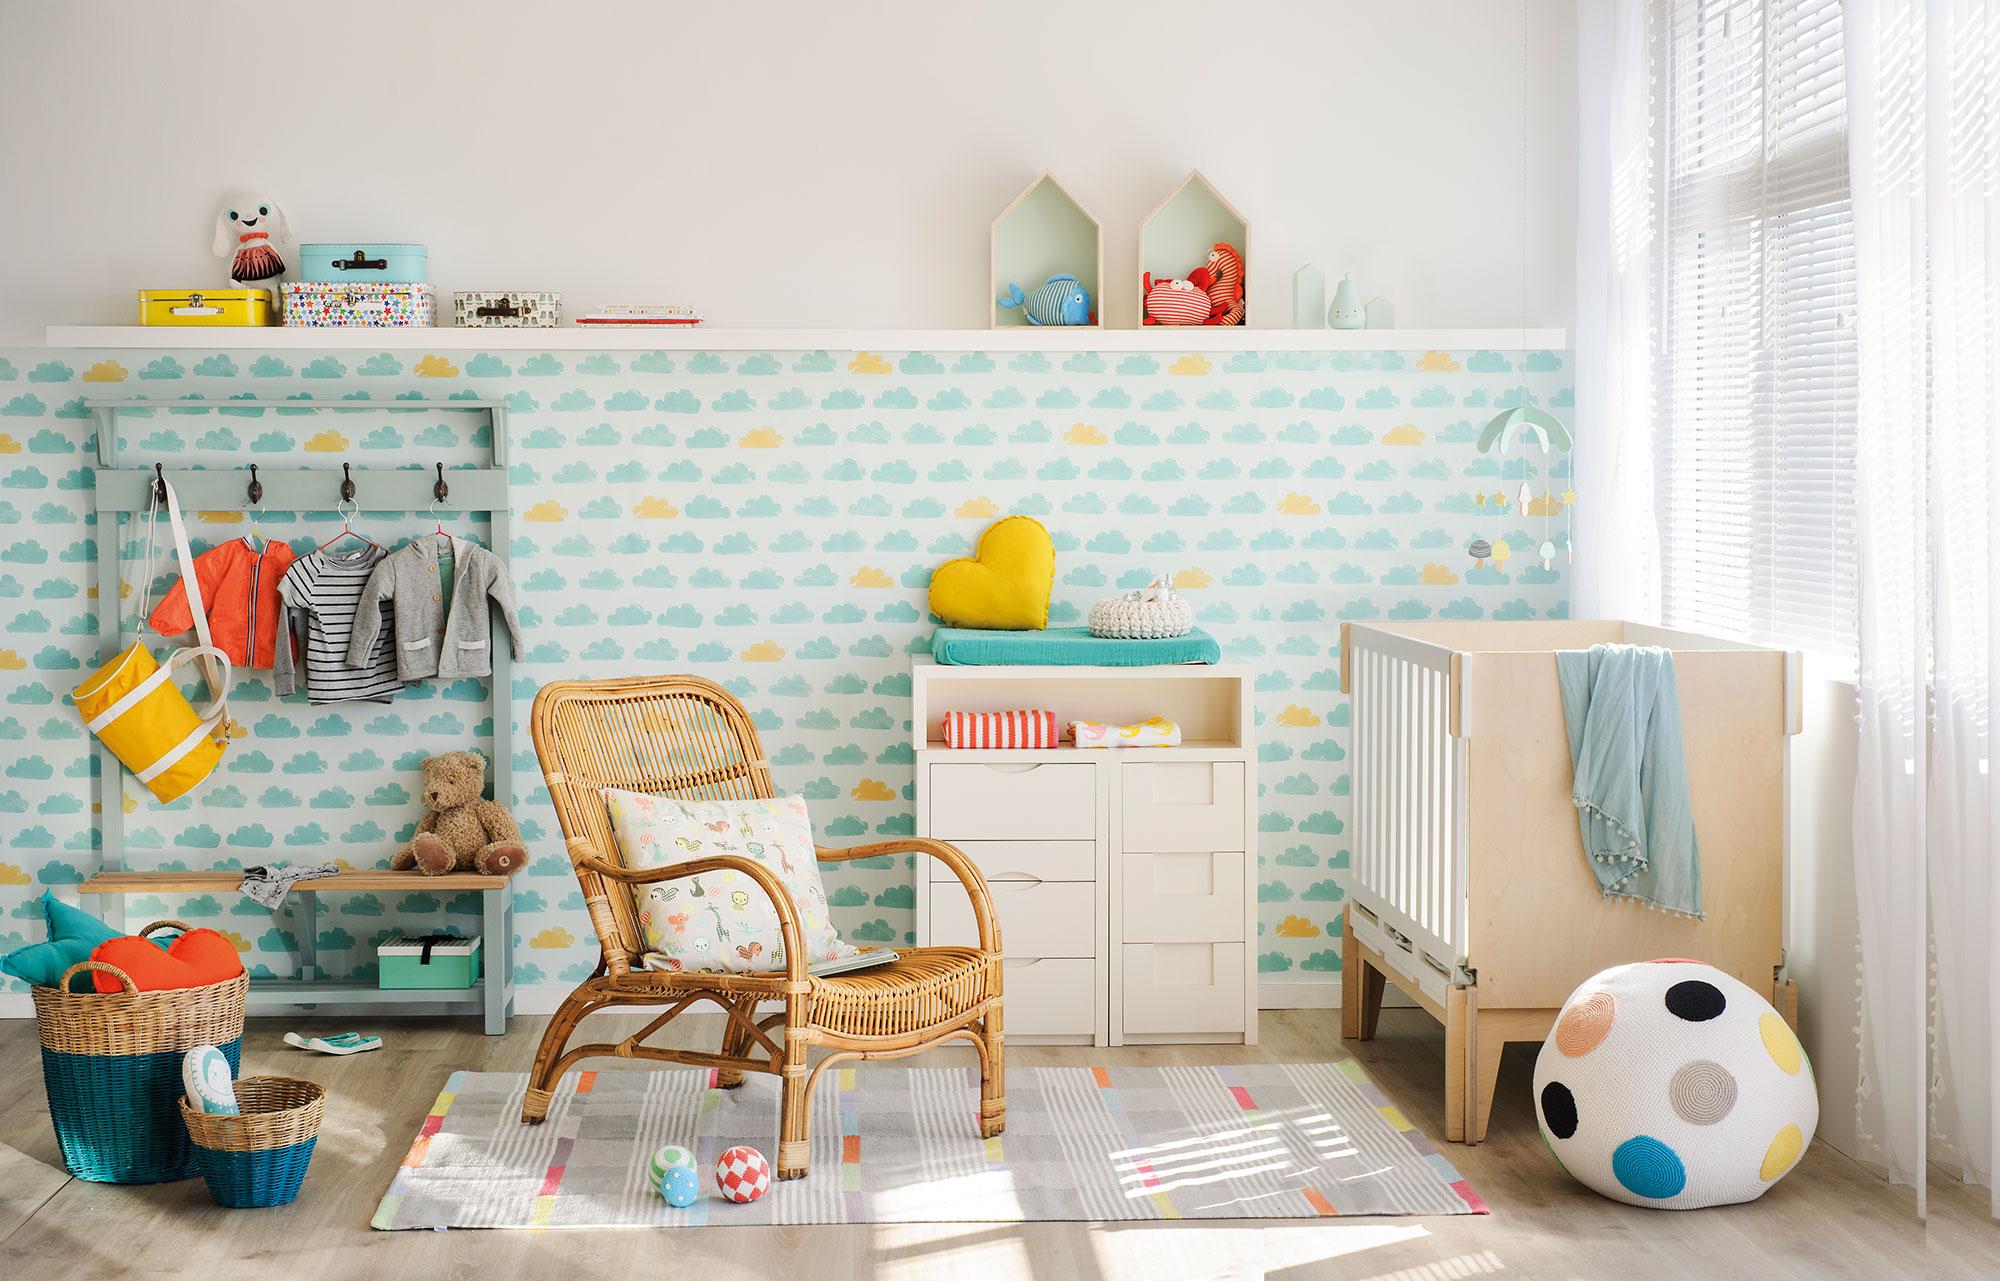 La habitaci n del beb consejos y trucos para decorarla for Color del dormitorio de los padres